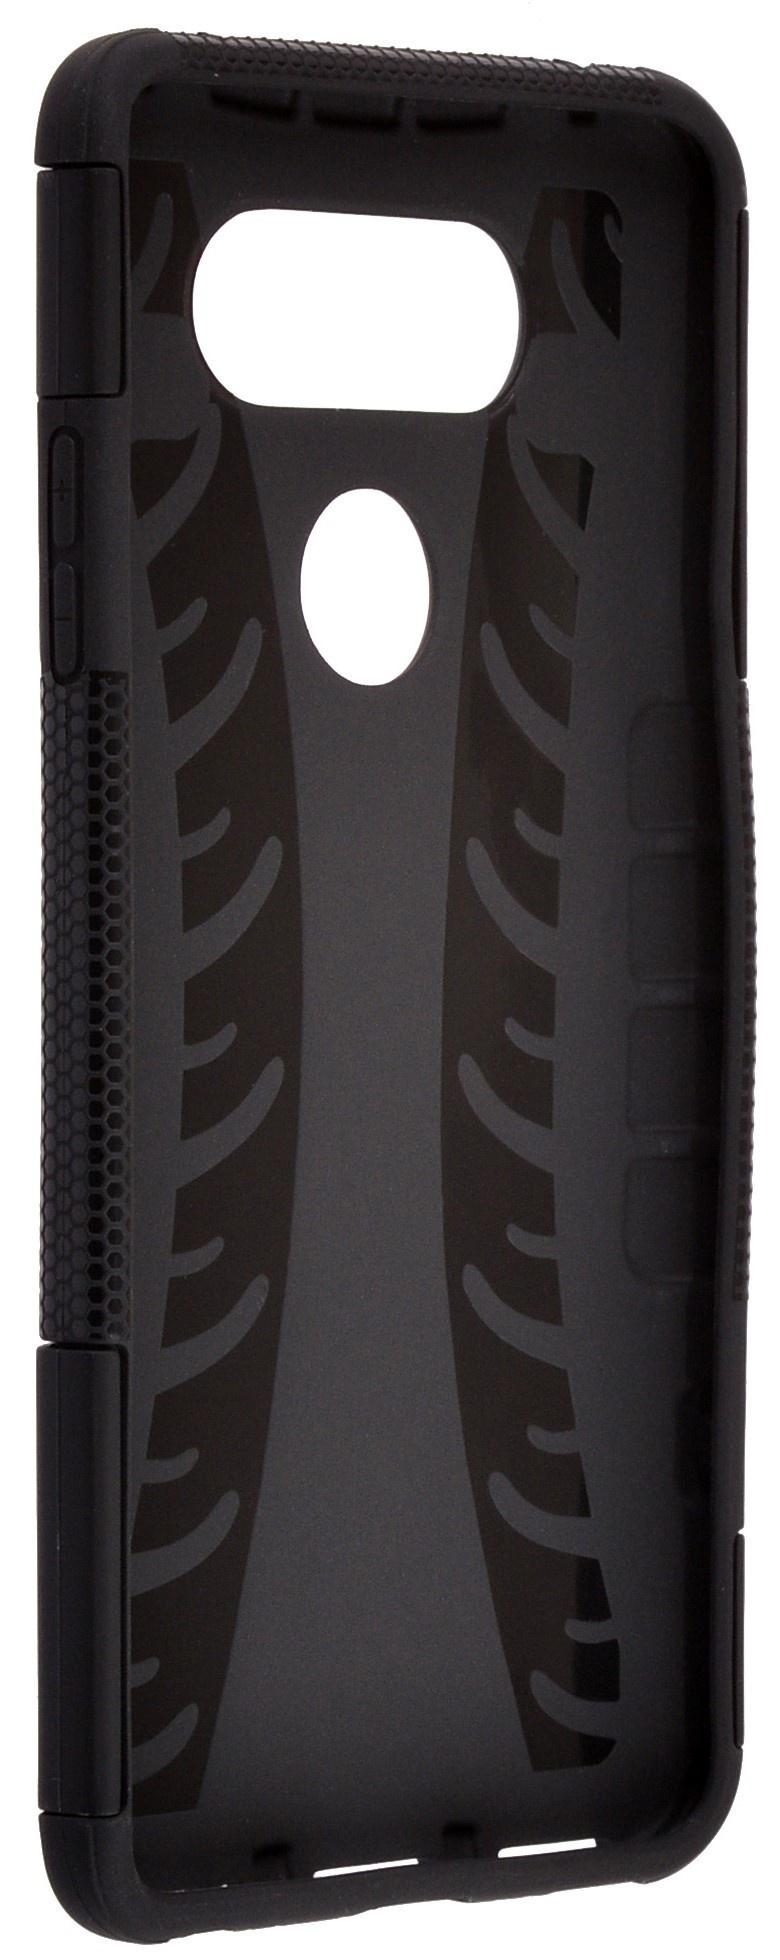 Чехол для сотового телефона skinBOX Defender, 4630042523944, черный все цены